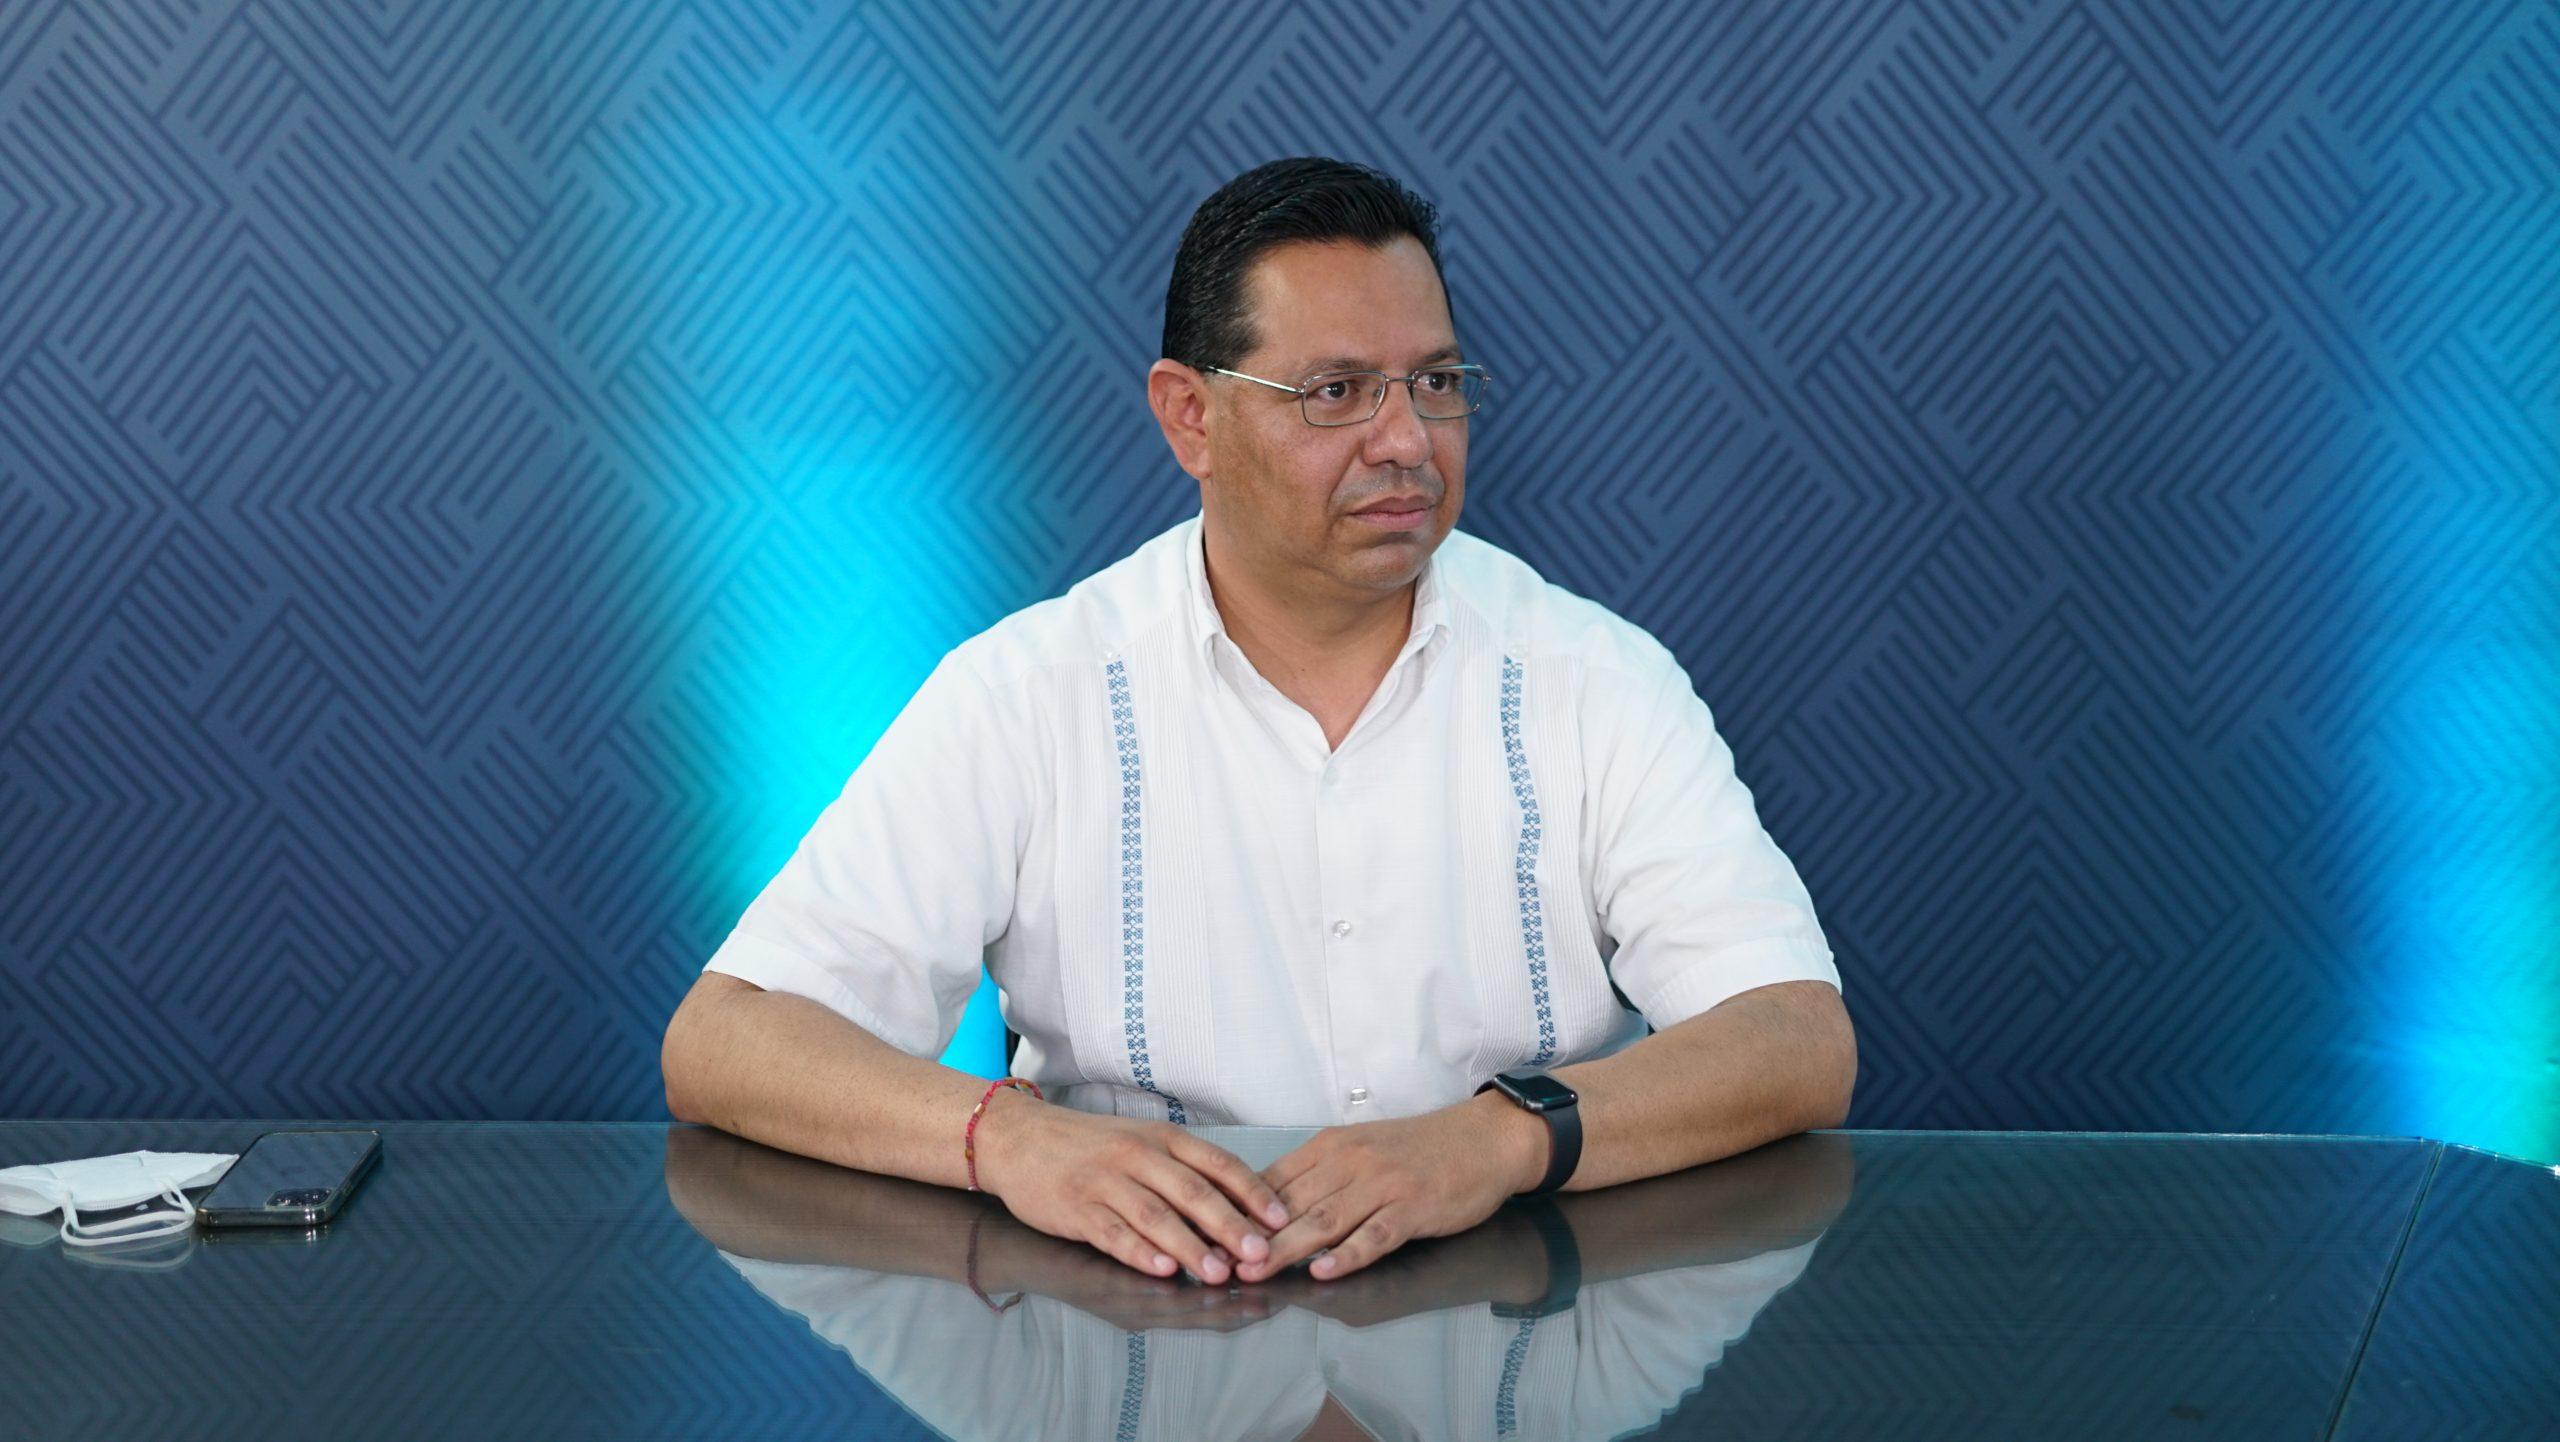 Si Alfonso Durazo lo considera, Nueva Alianza lo acompañará en una alianza de gobierno: Javier Ceballos